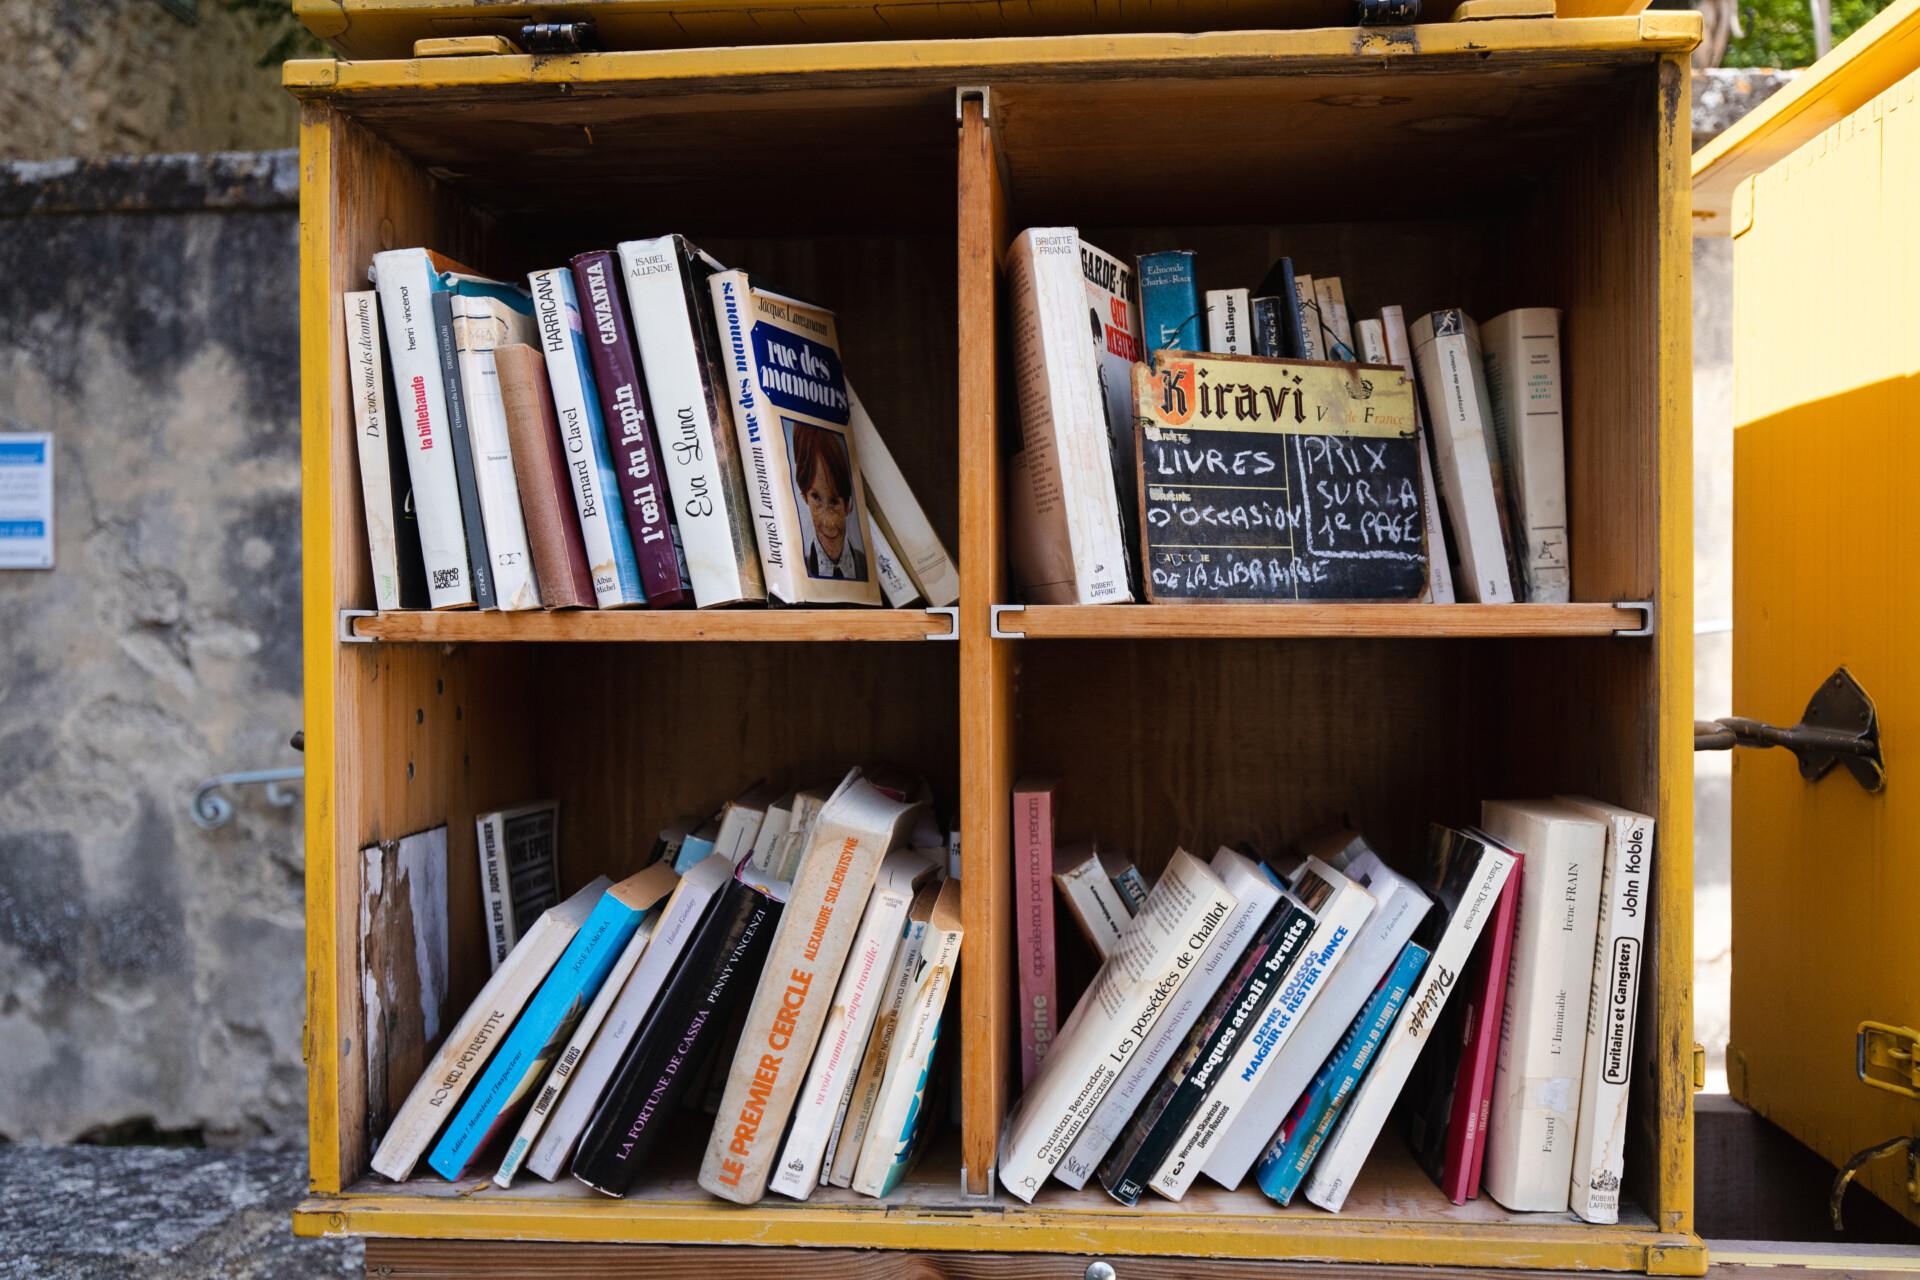 Armoire remplie de livres d'occasion